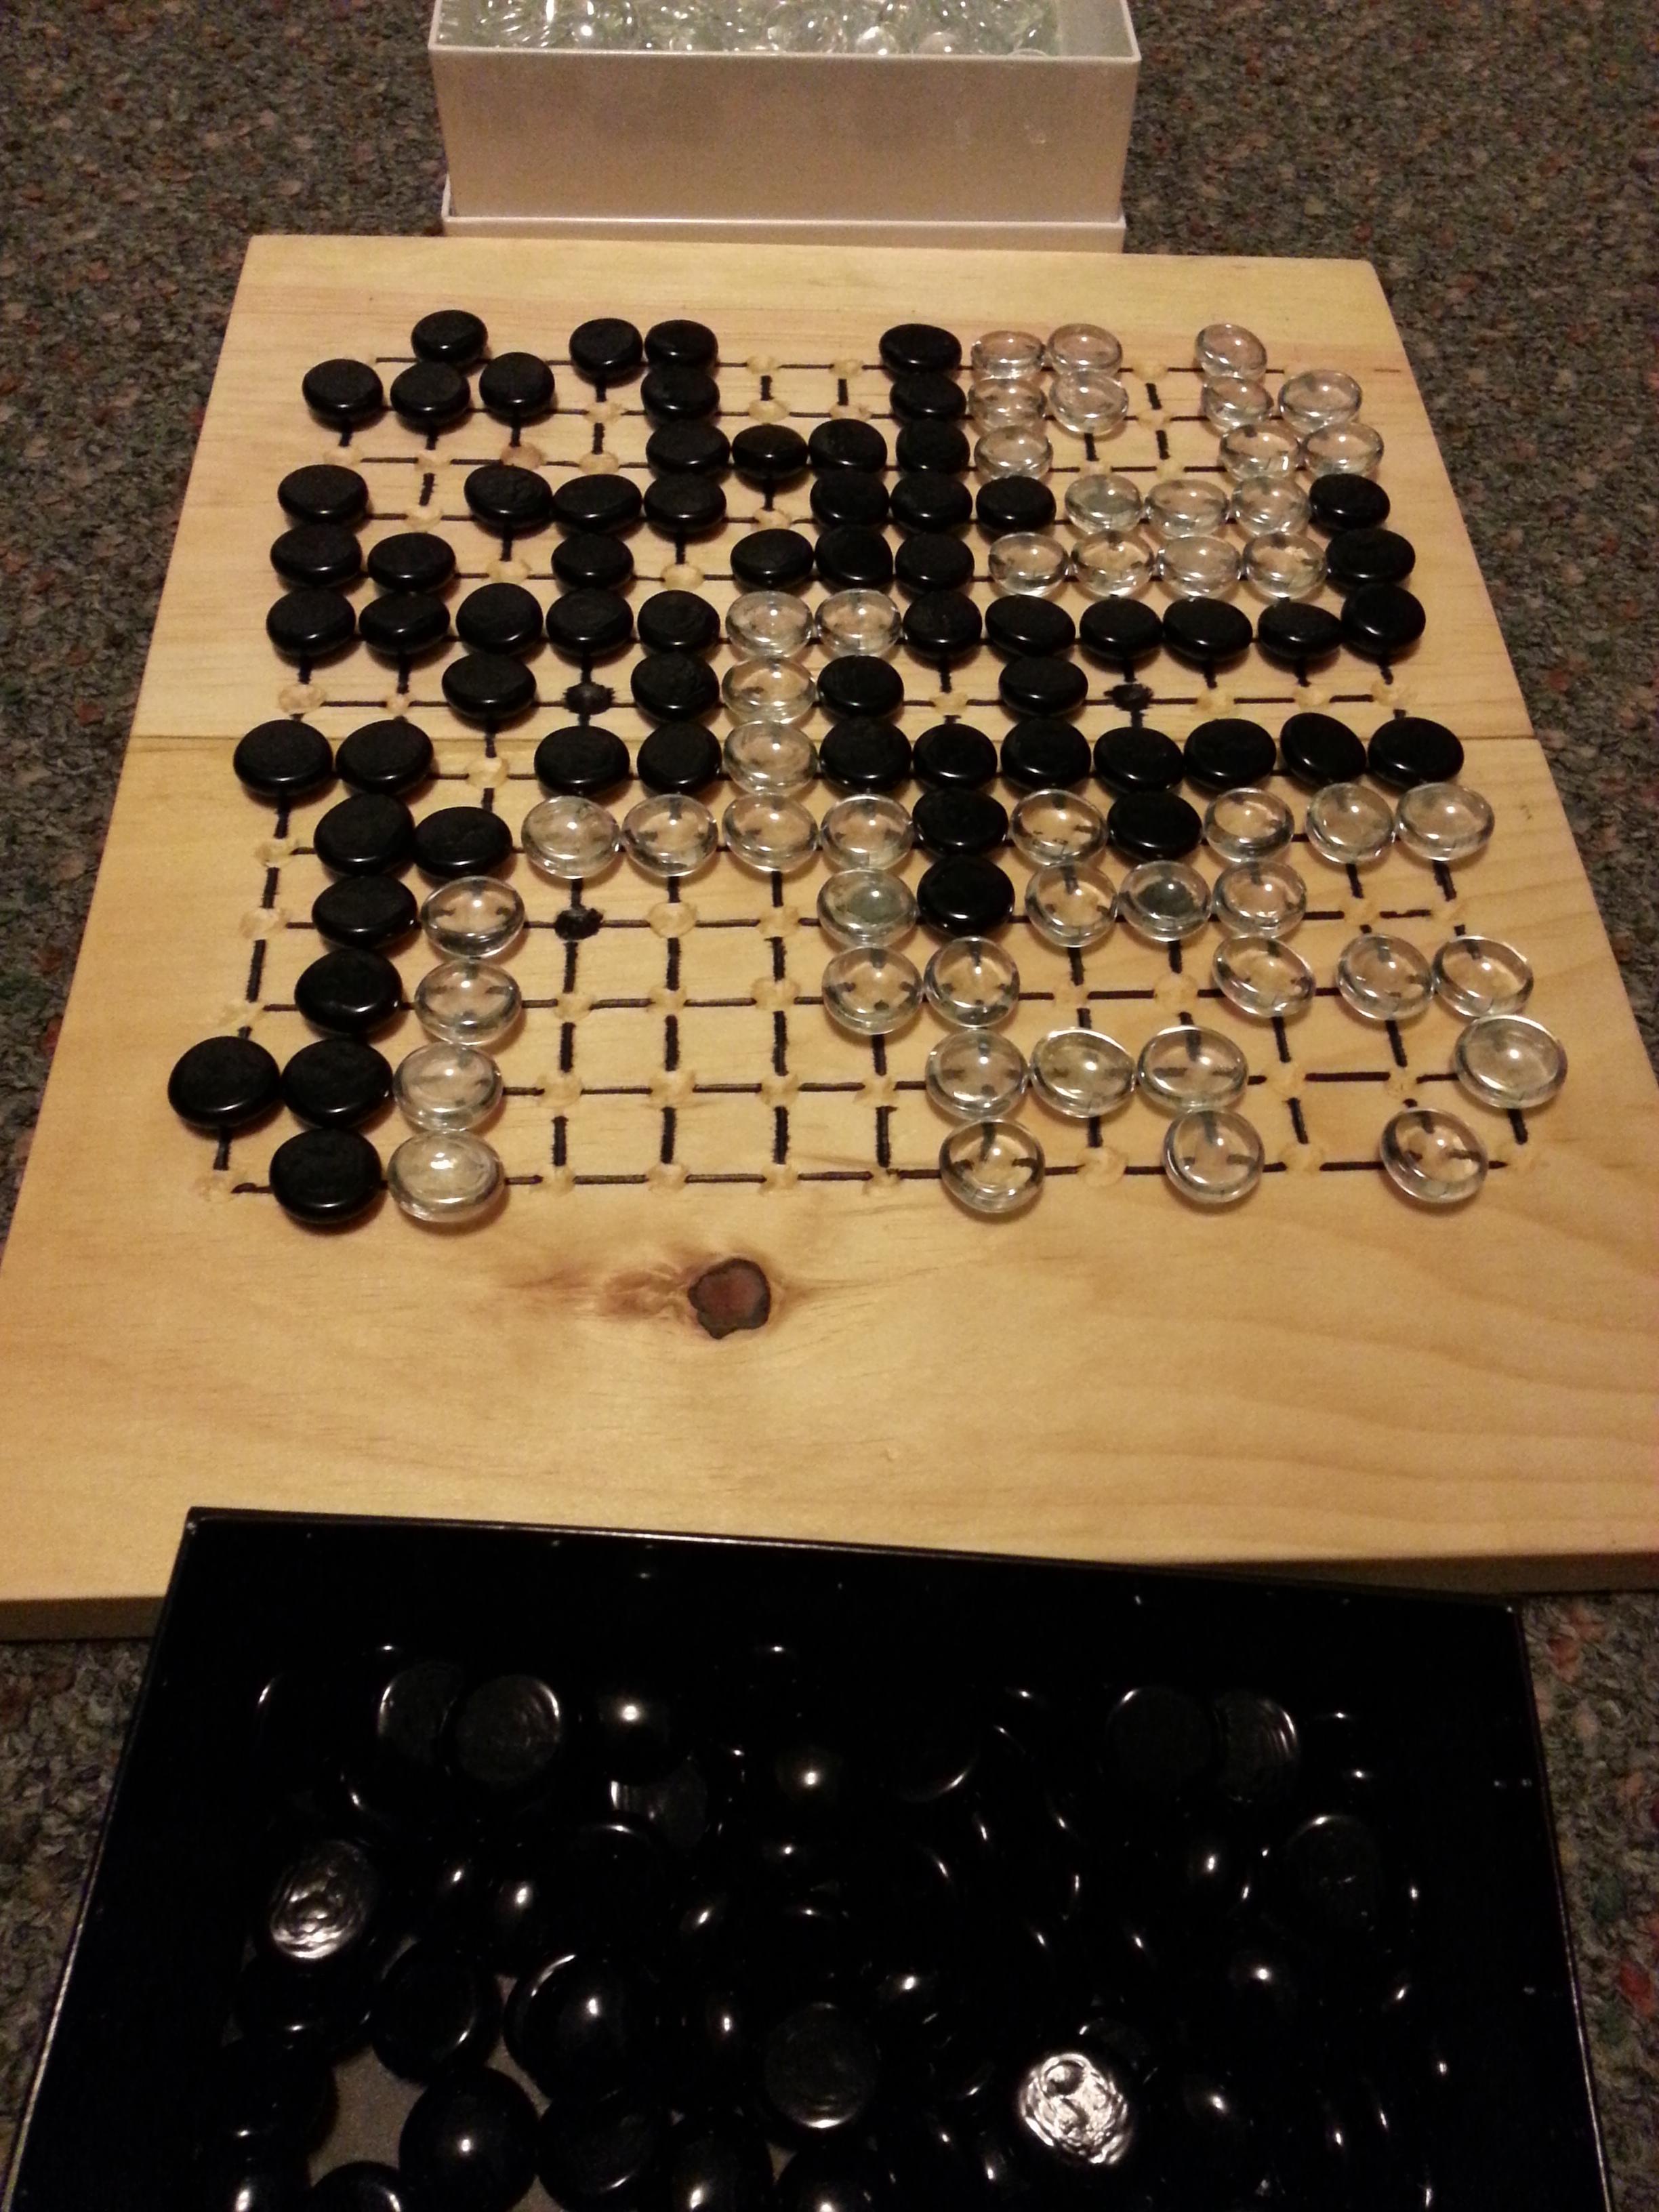 13 x 13 Go board